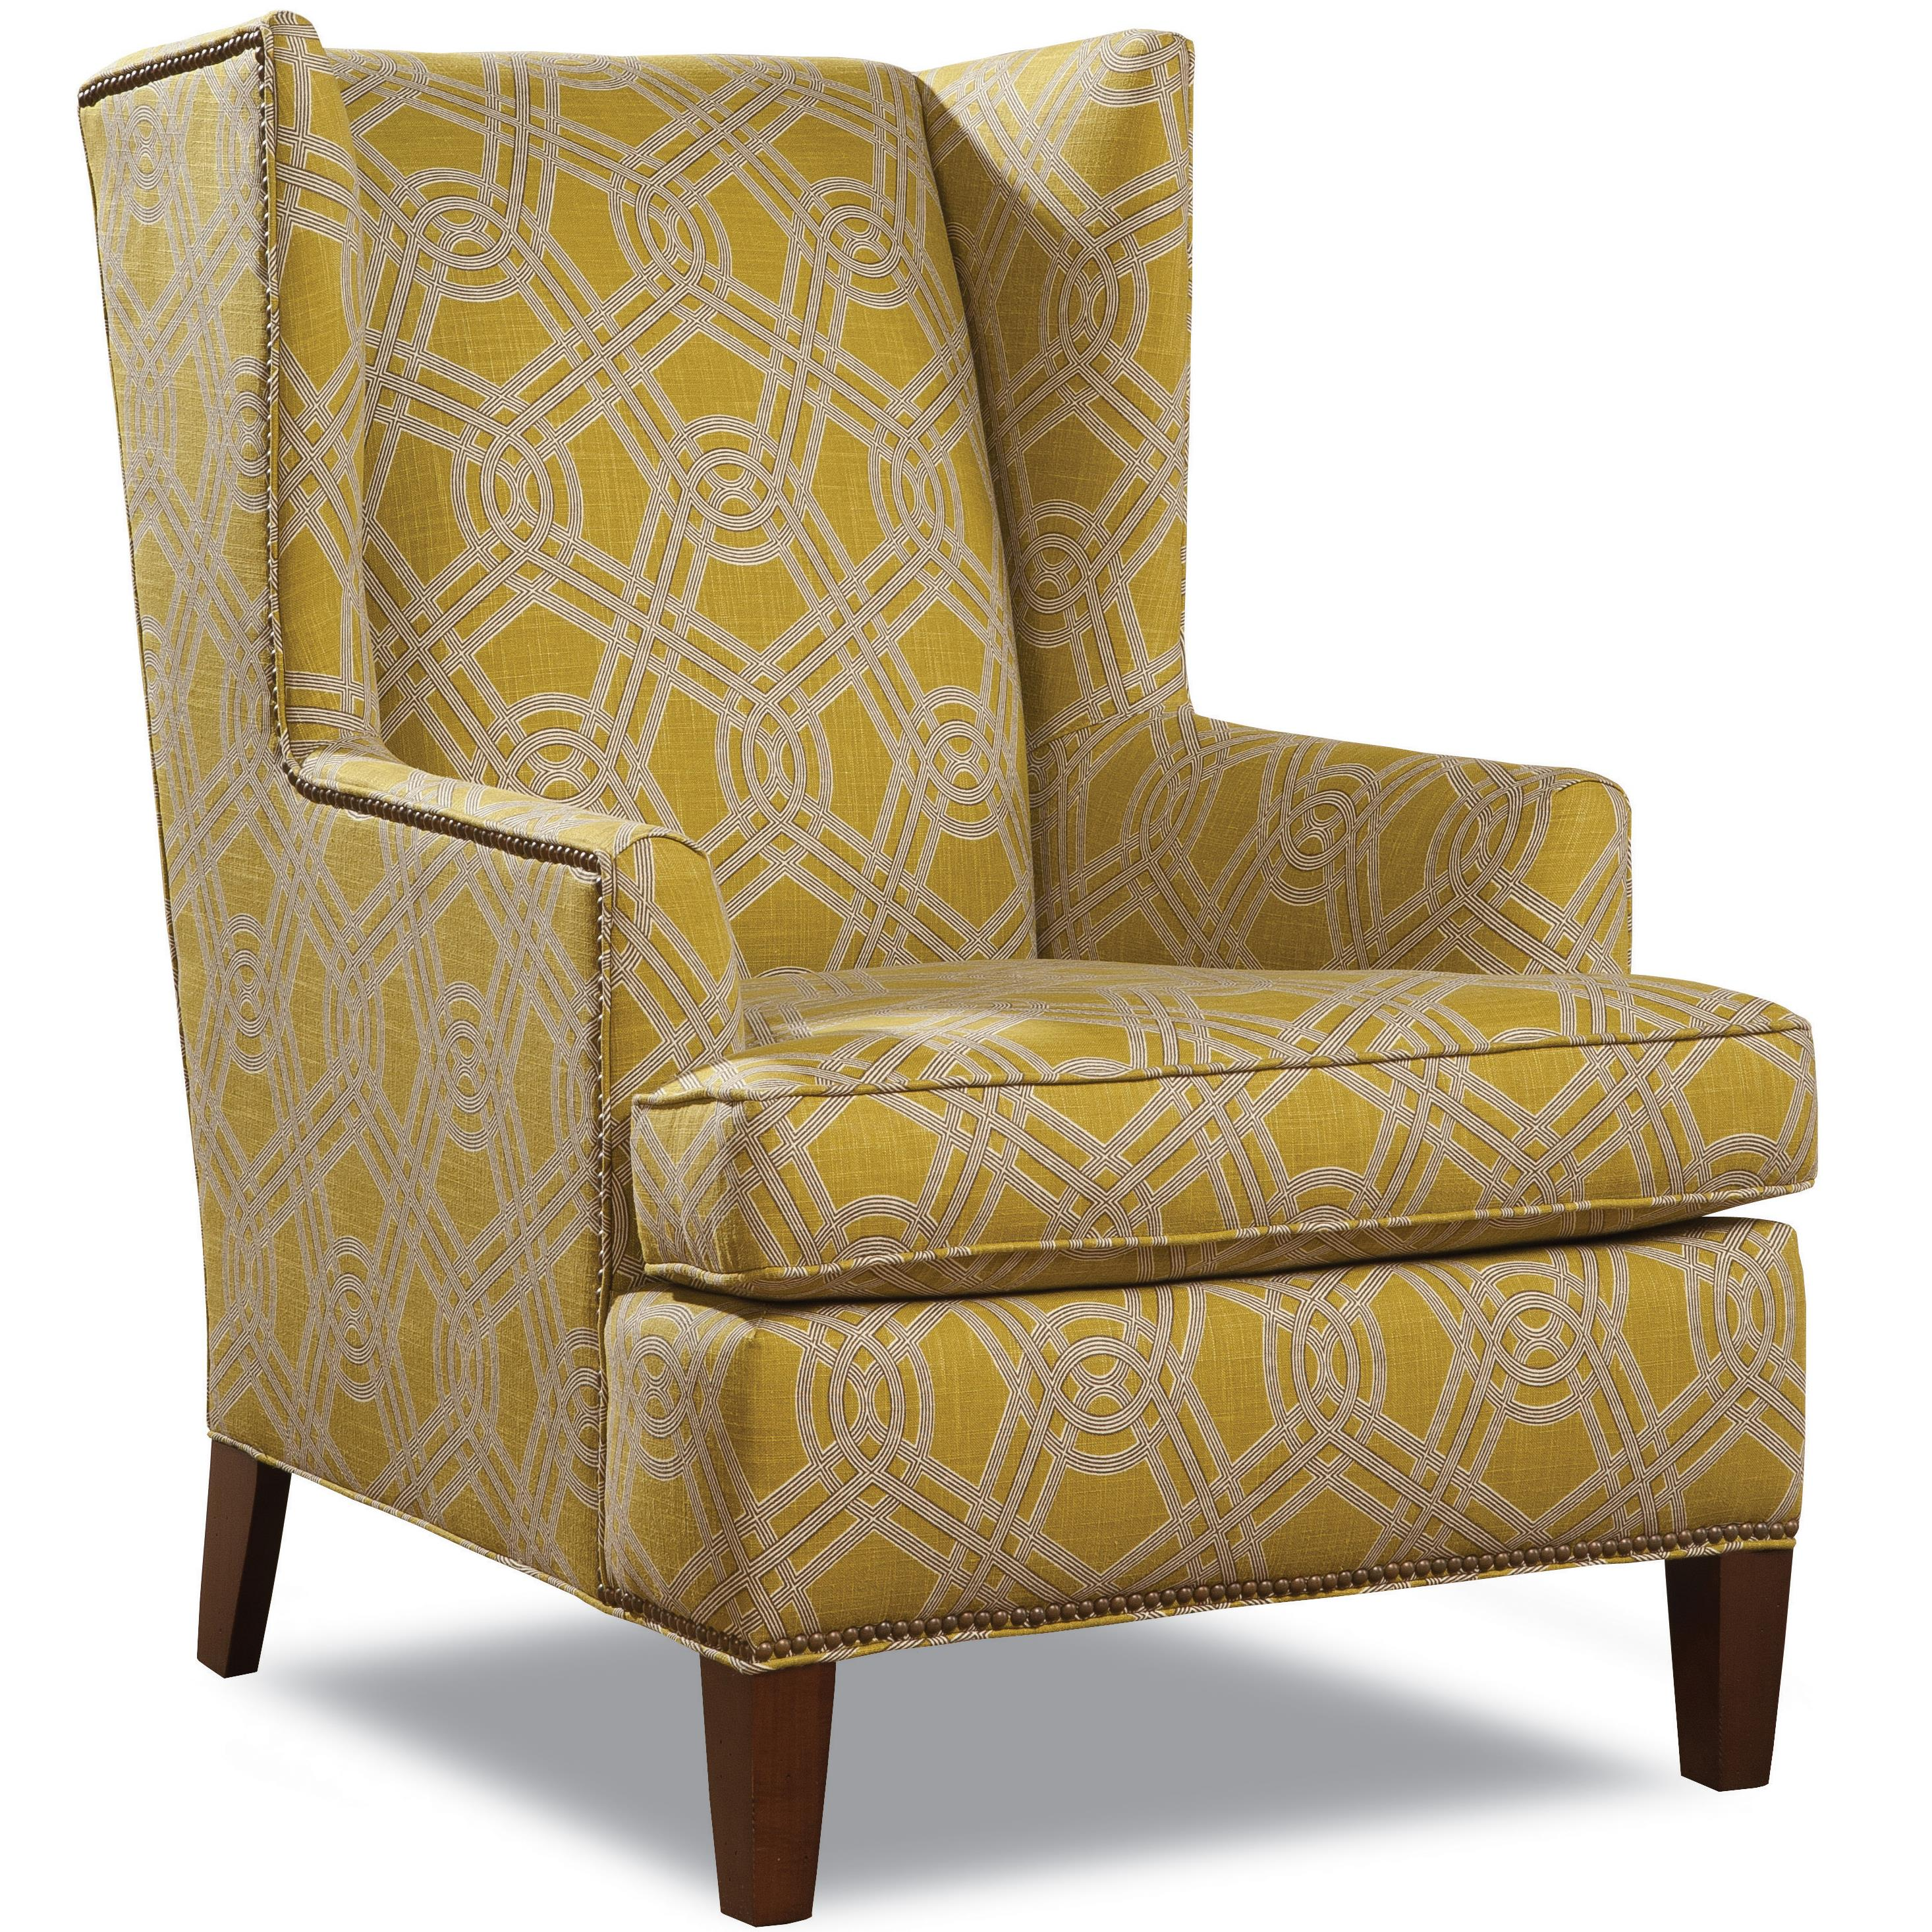 7406 Wing Chair by Geoffrey Alexander at Sprintz Furniture